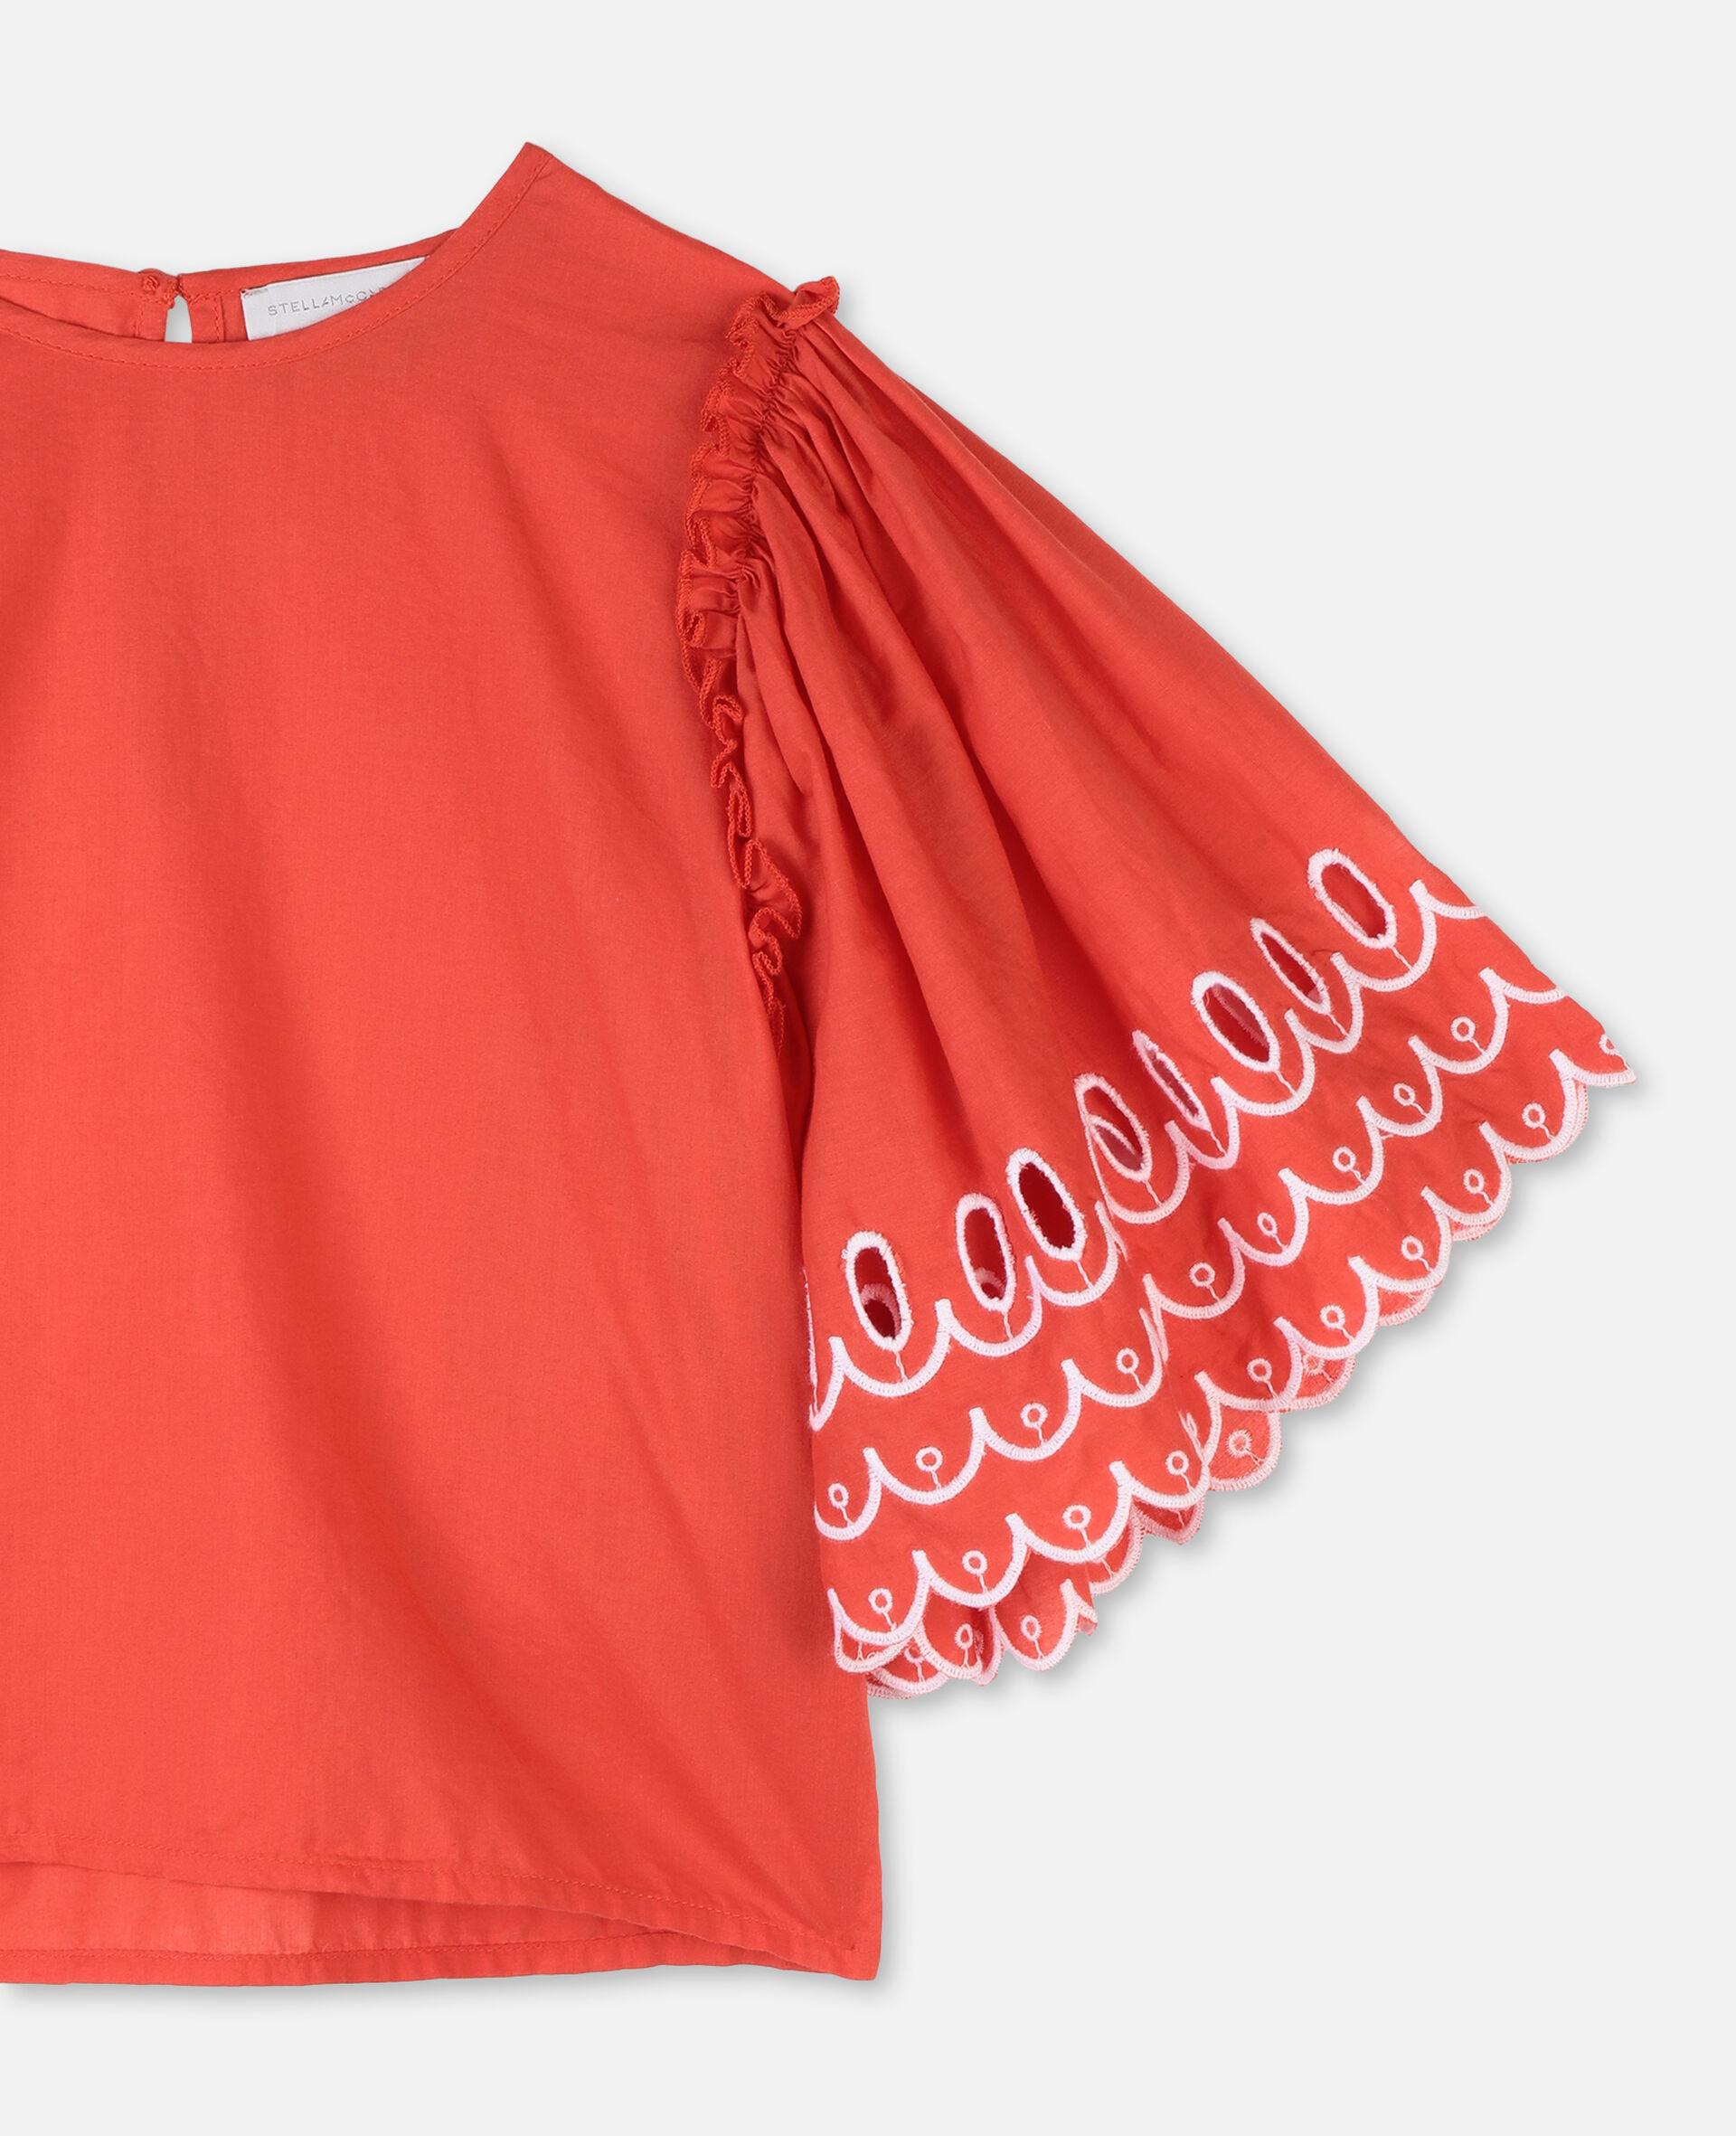 Top en coton festonné-Rouge-large image number 1